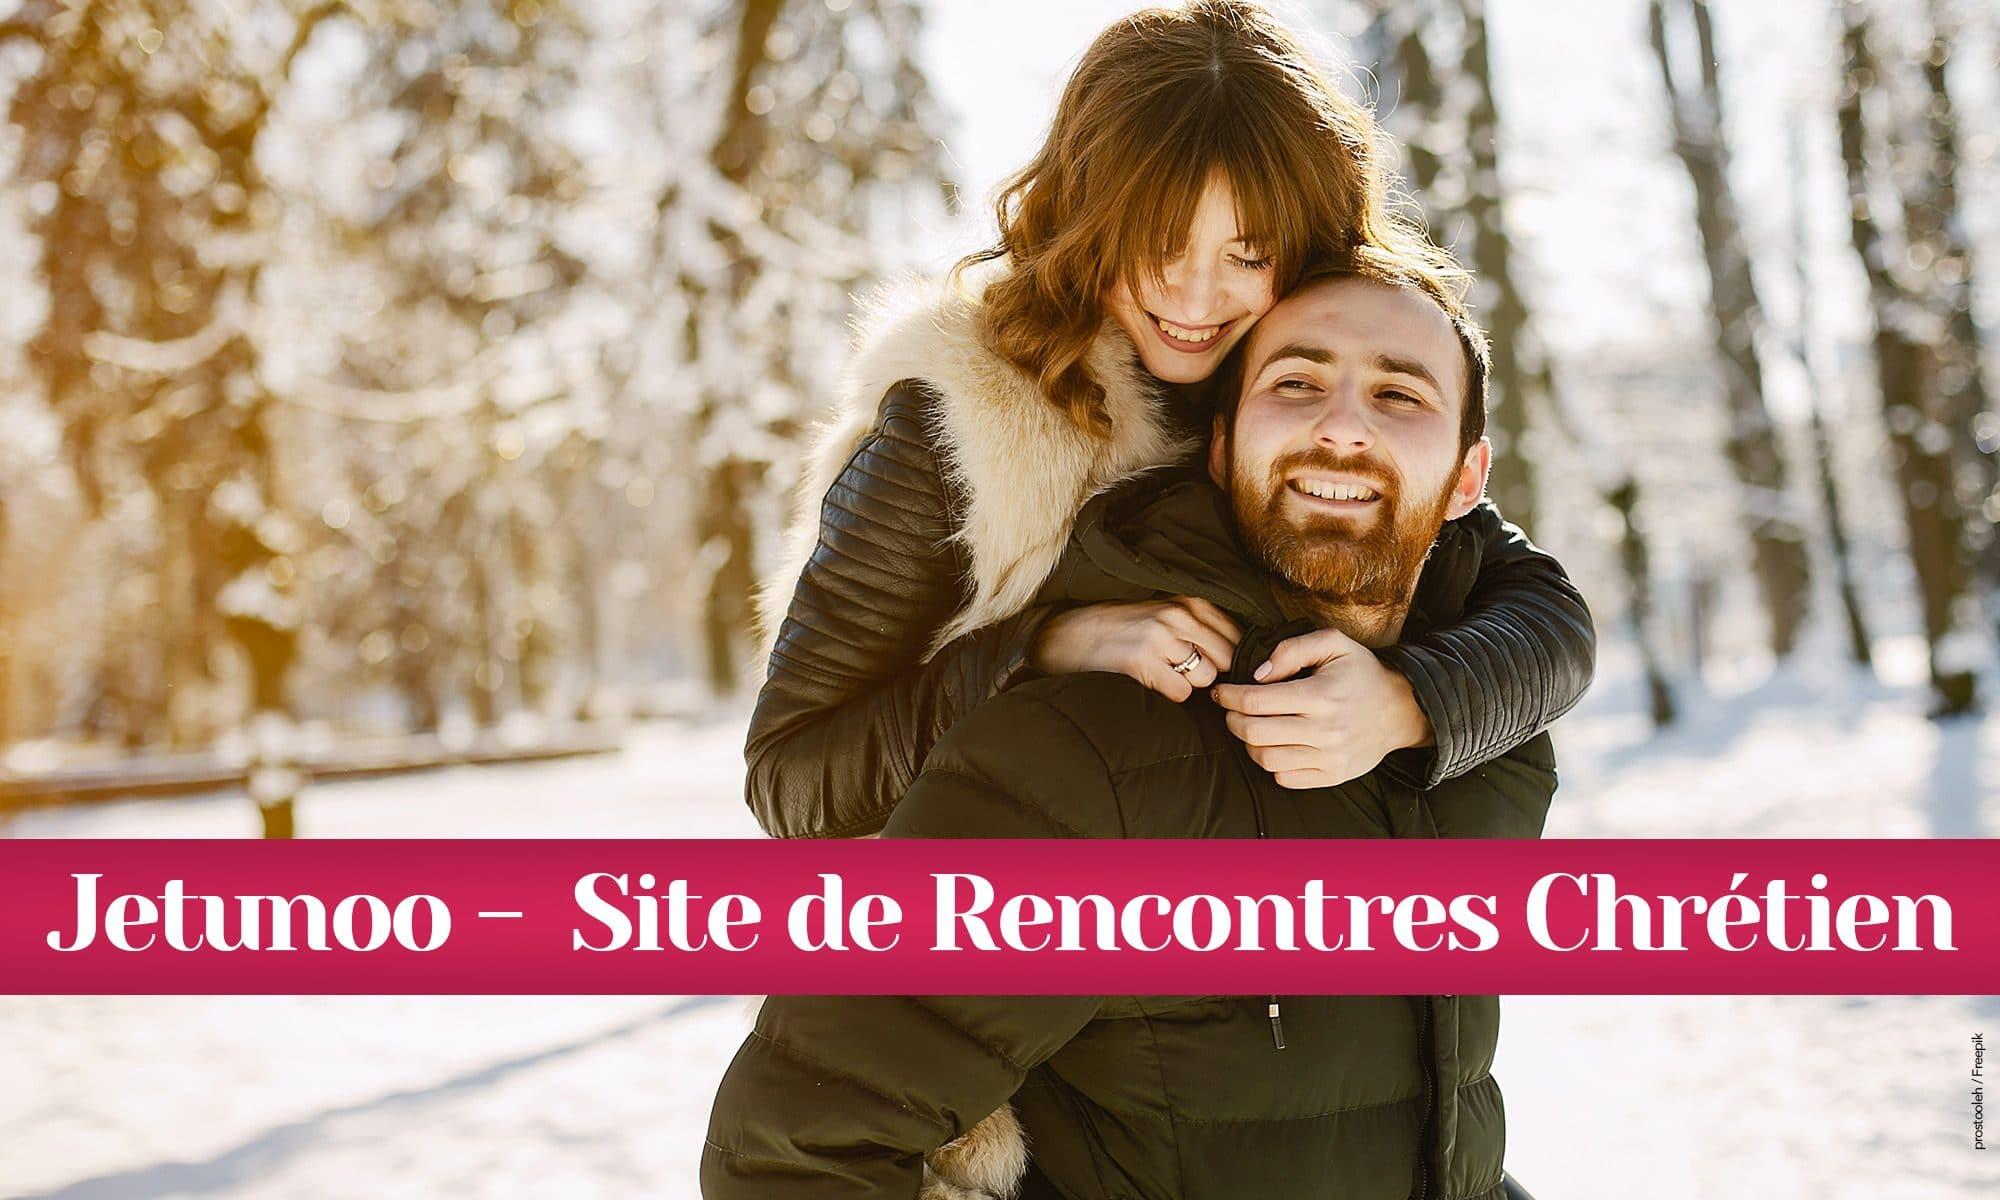 Site de Rencontre Chrétien au Québec